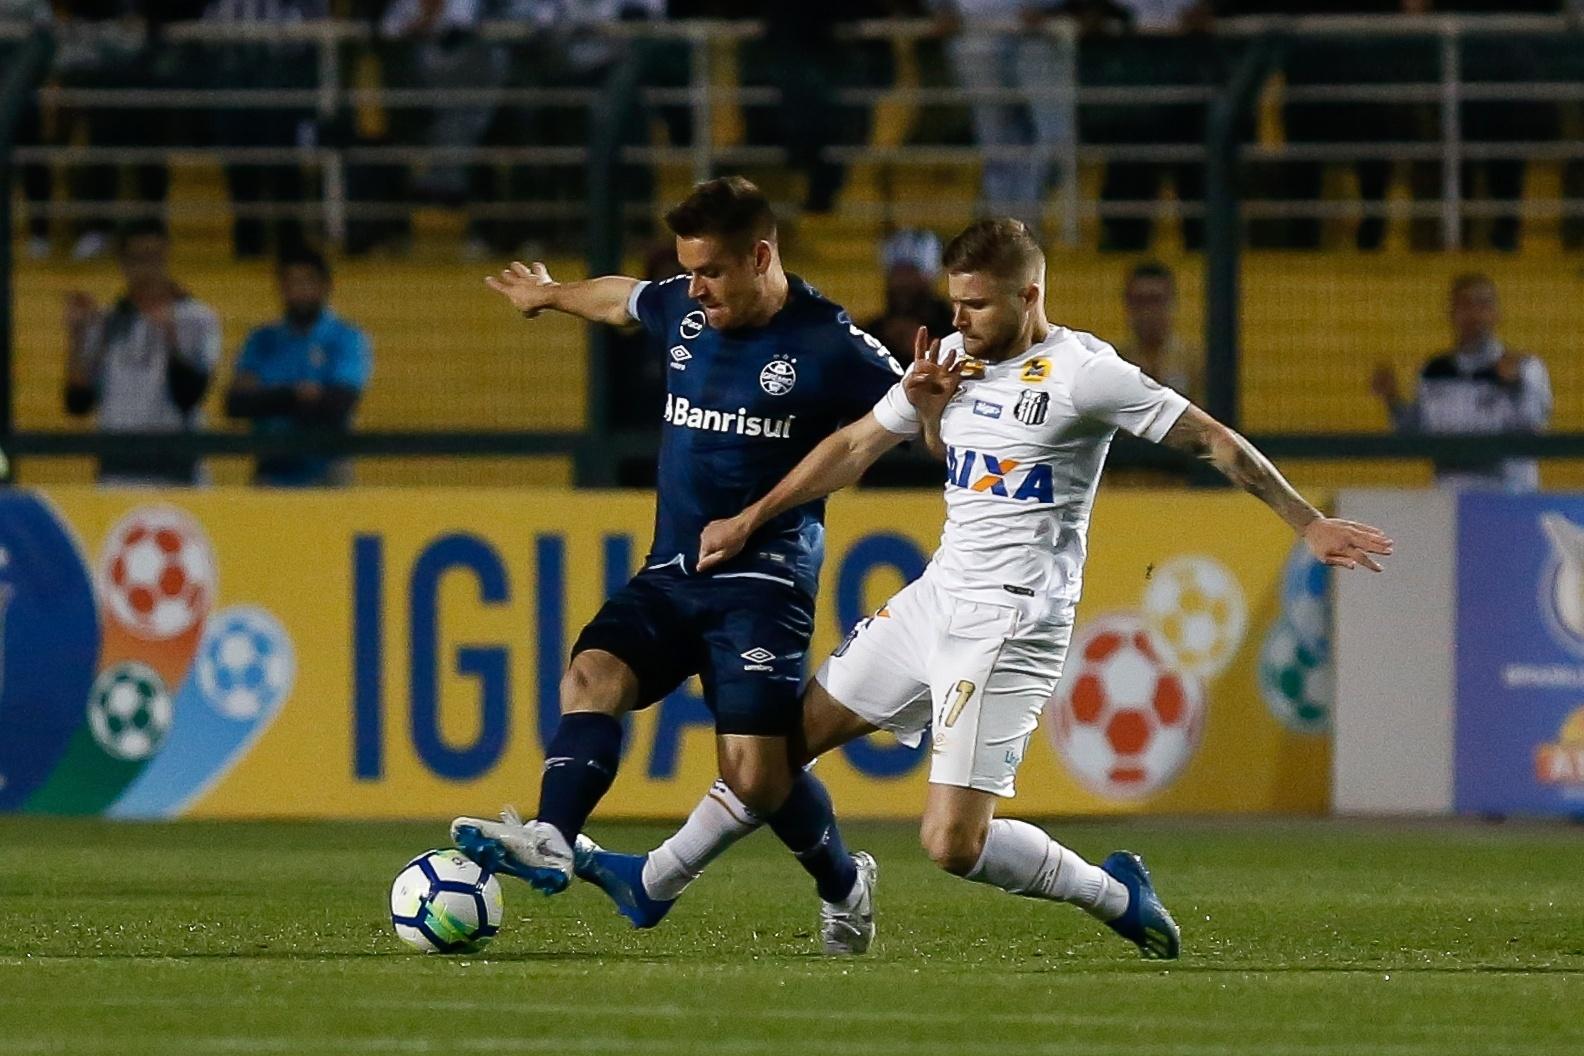 768370fda5ef1 Santos e Grêmio não saem do zero em empate ruim para os dois times -  06 09 2018 - UOL Esporte